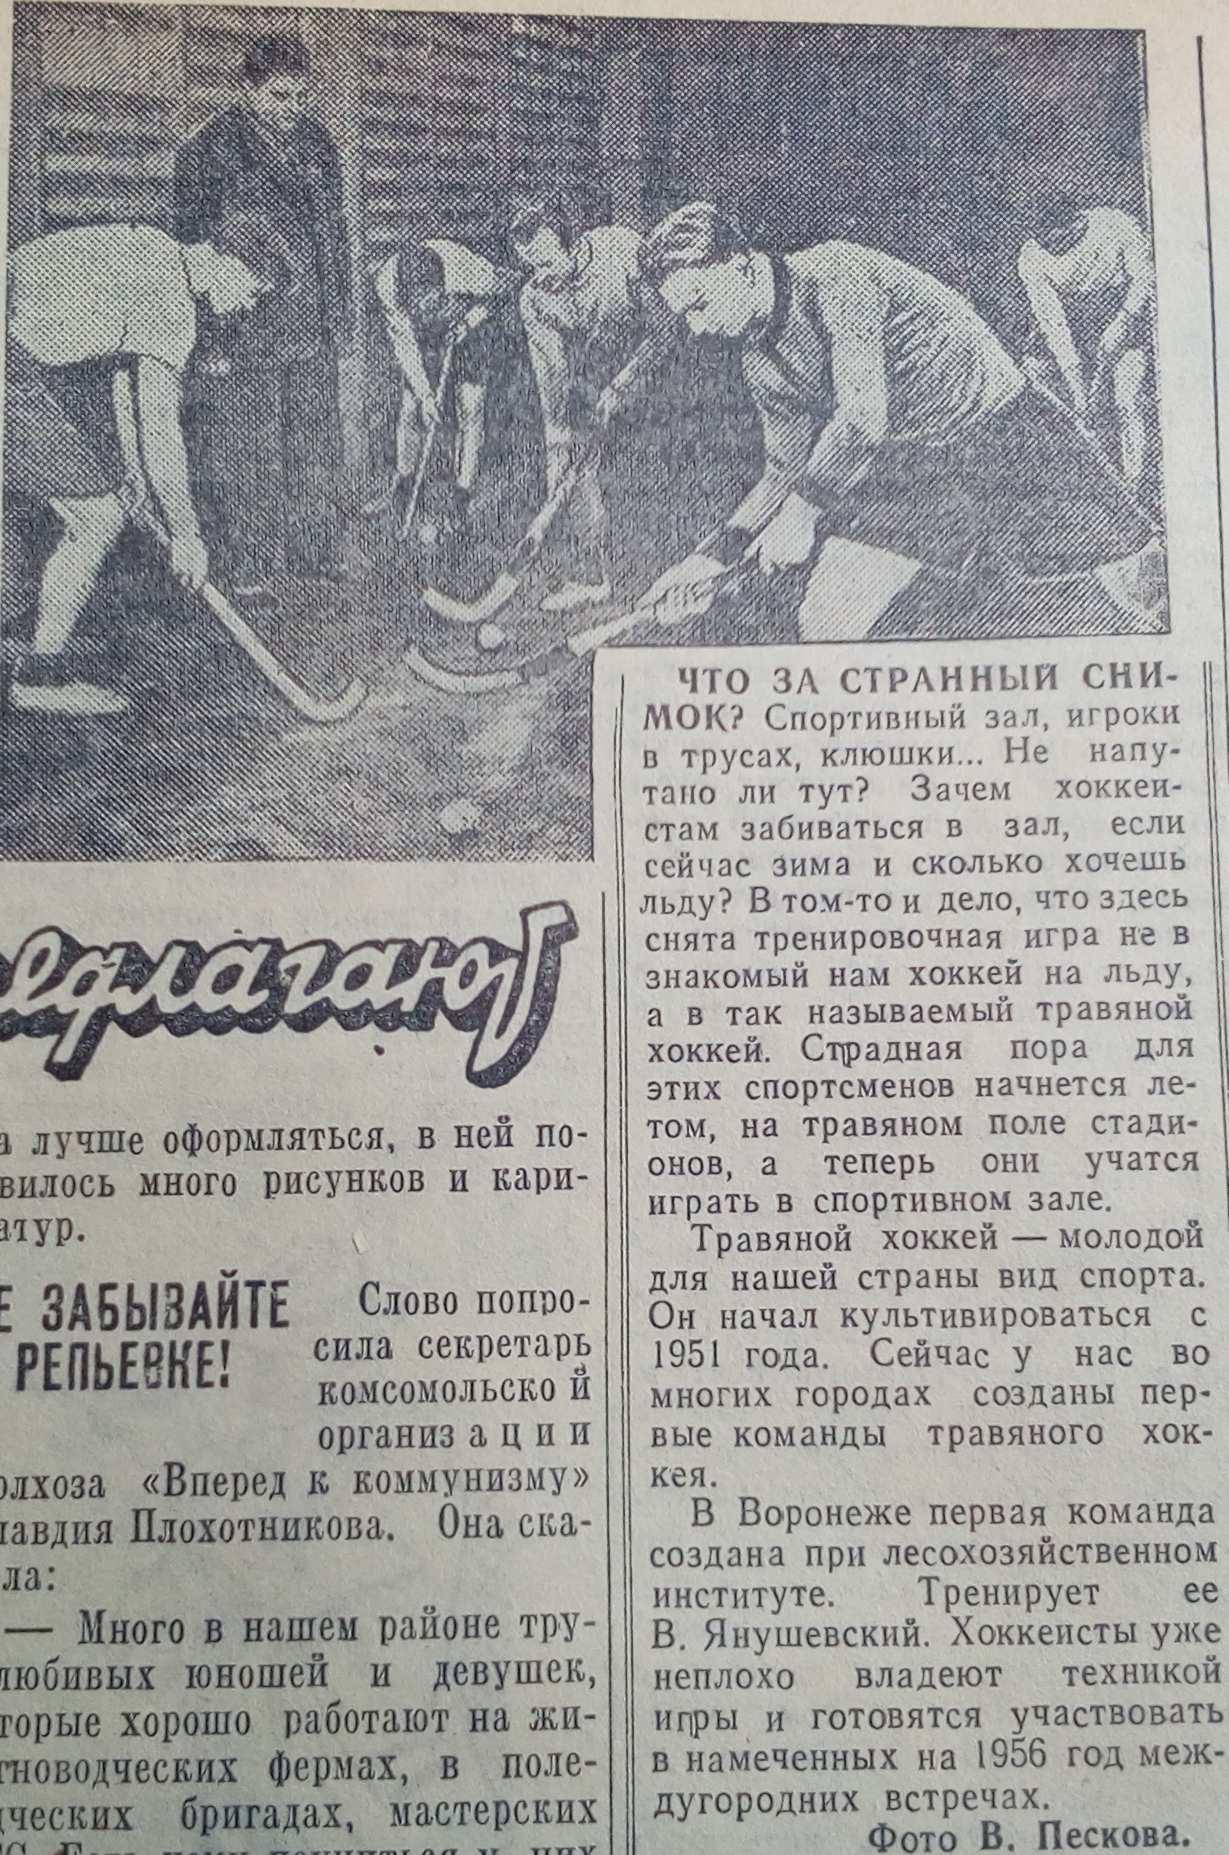 фхтр_1956_29.01_публикация Пескова